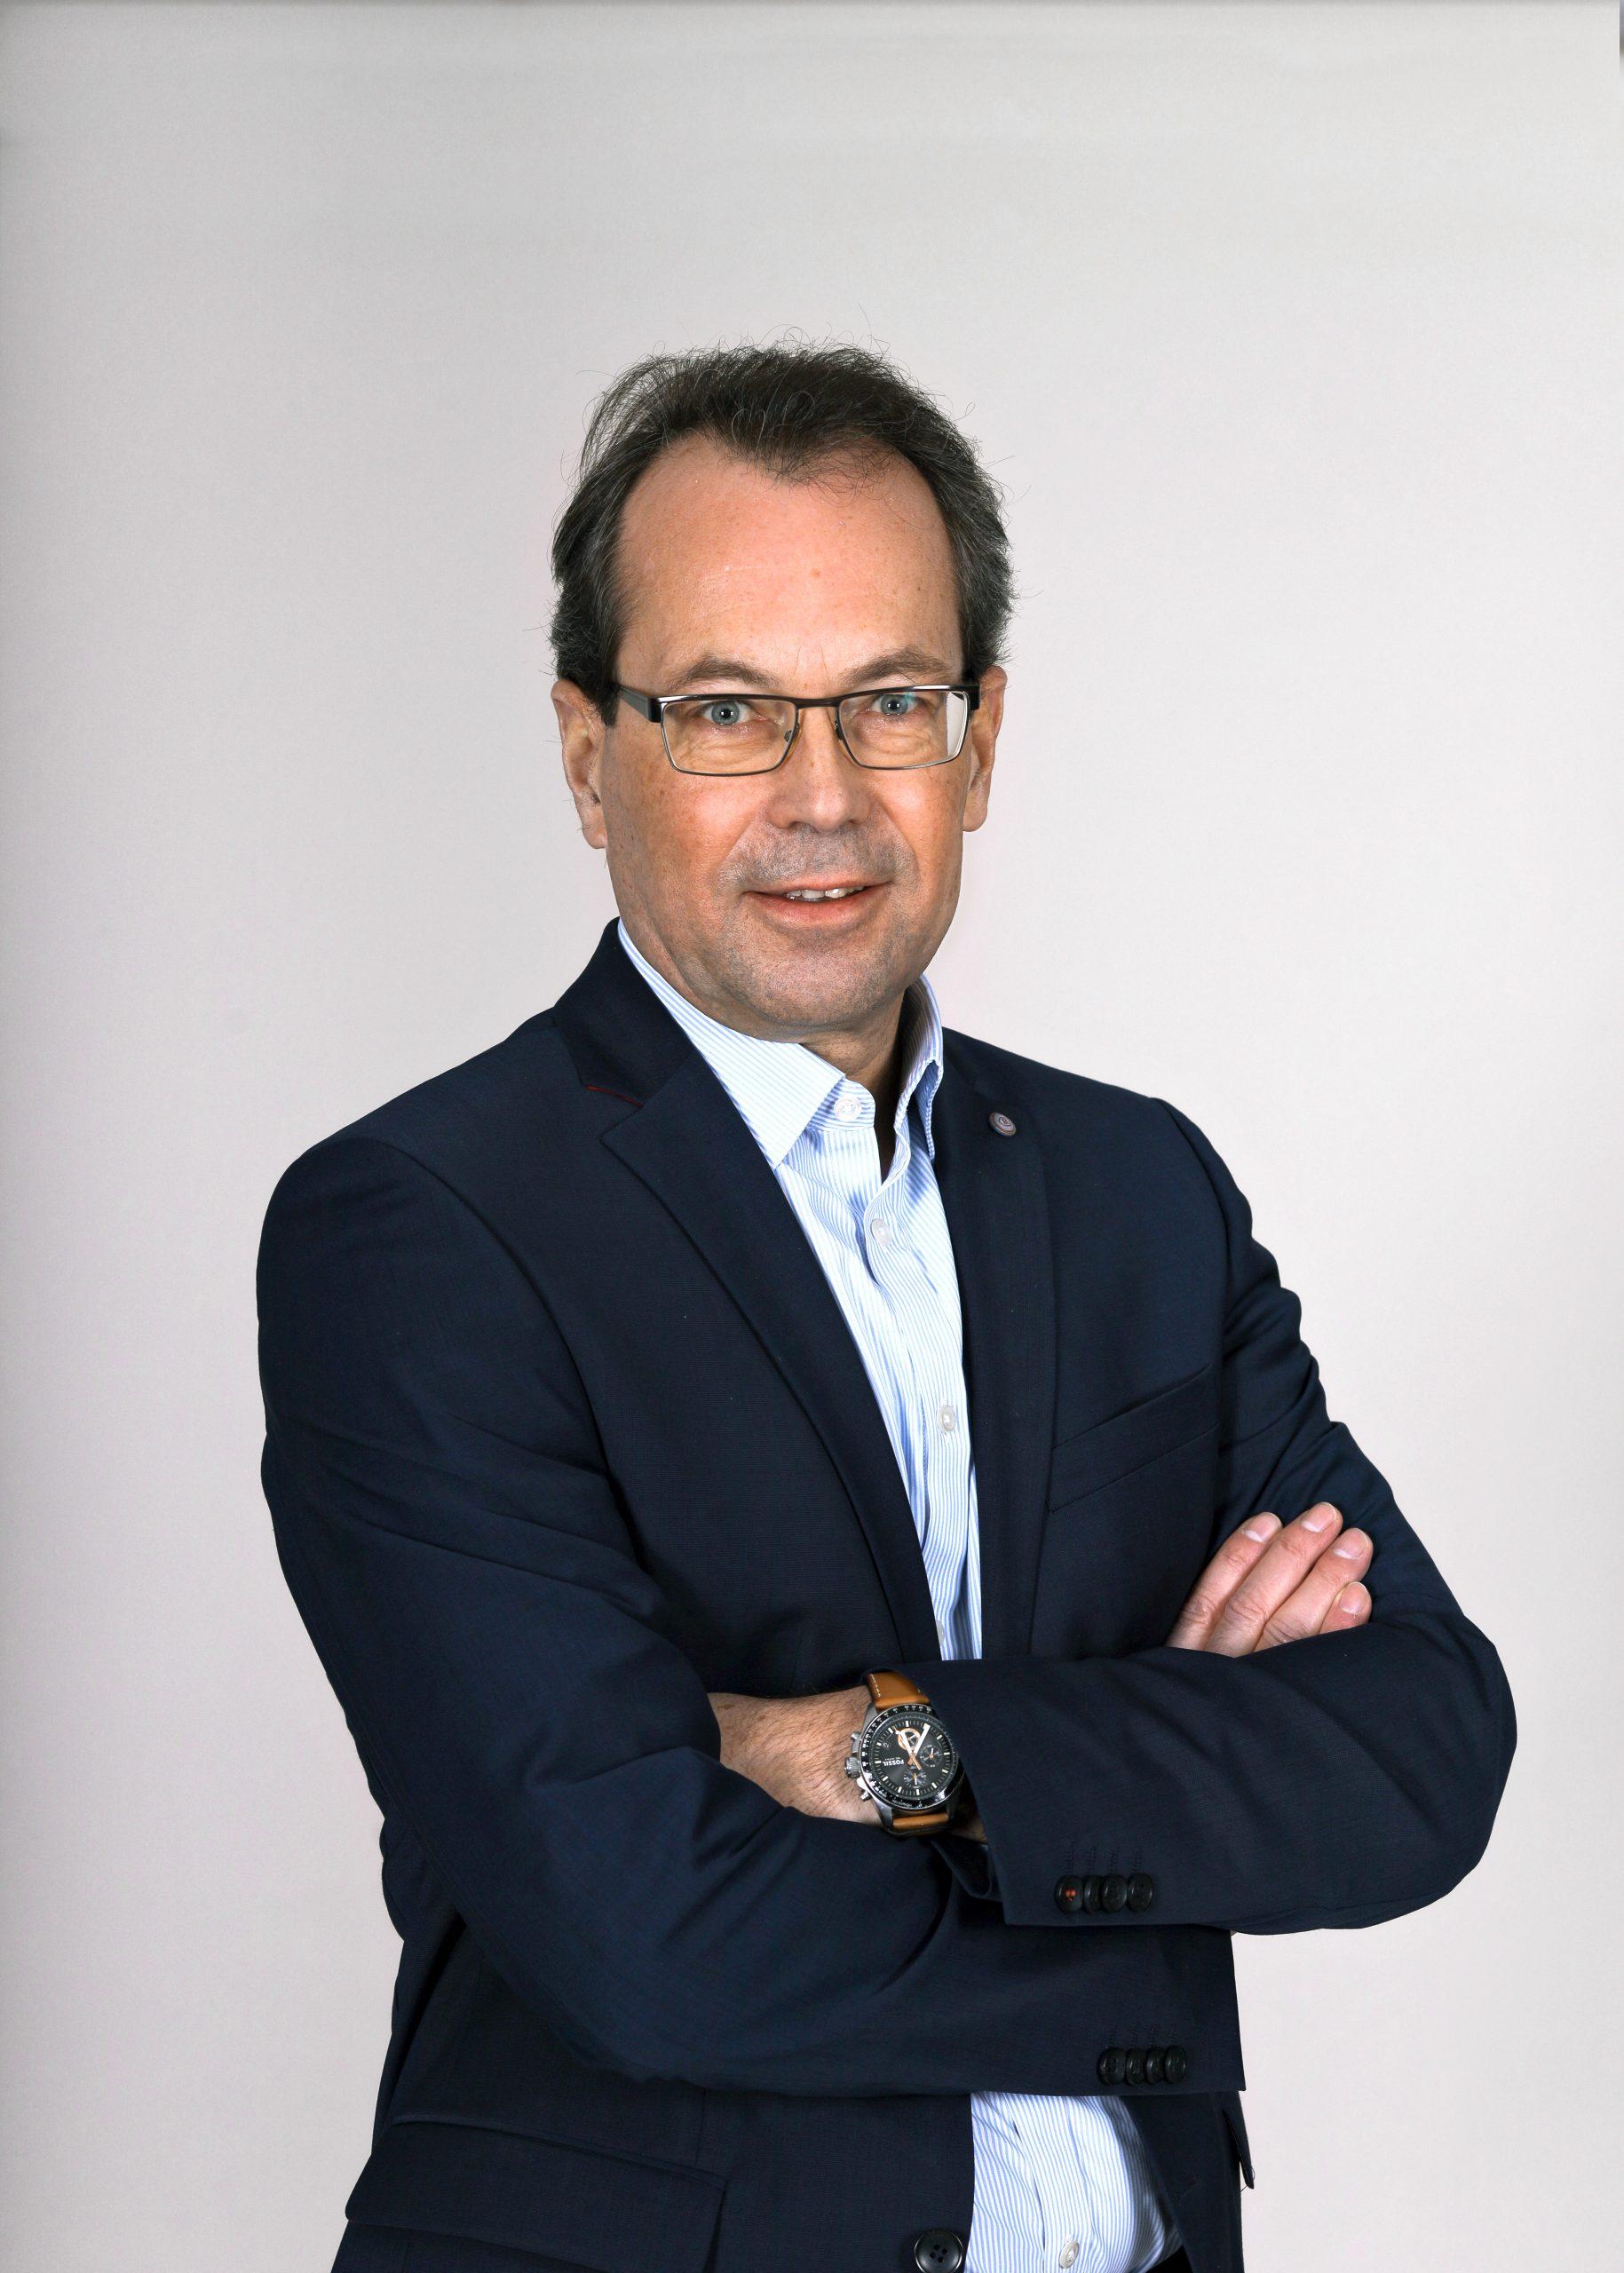 Johannes Weyel